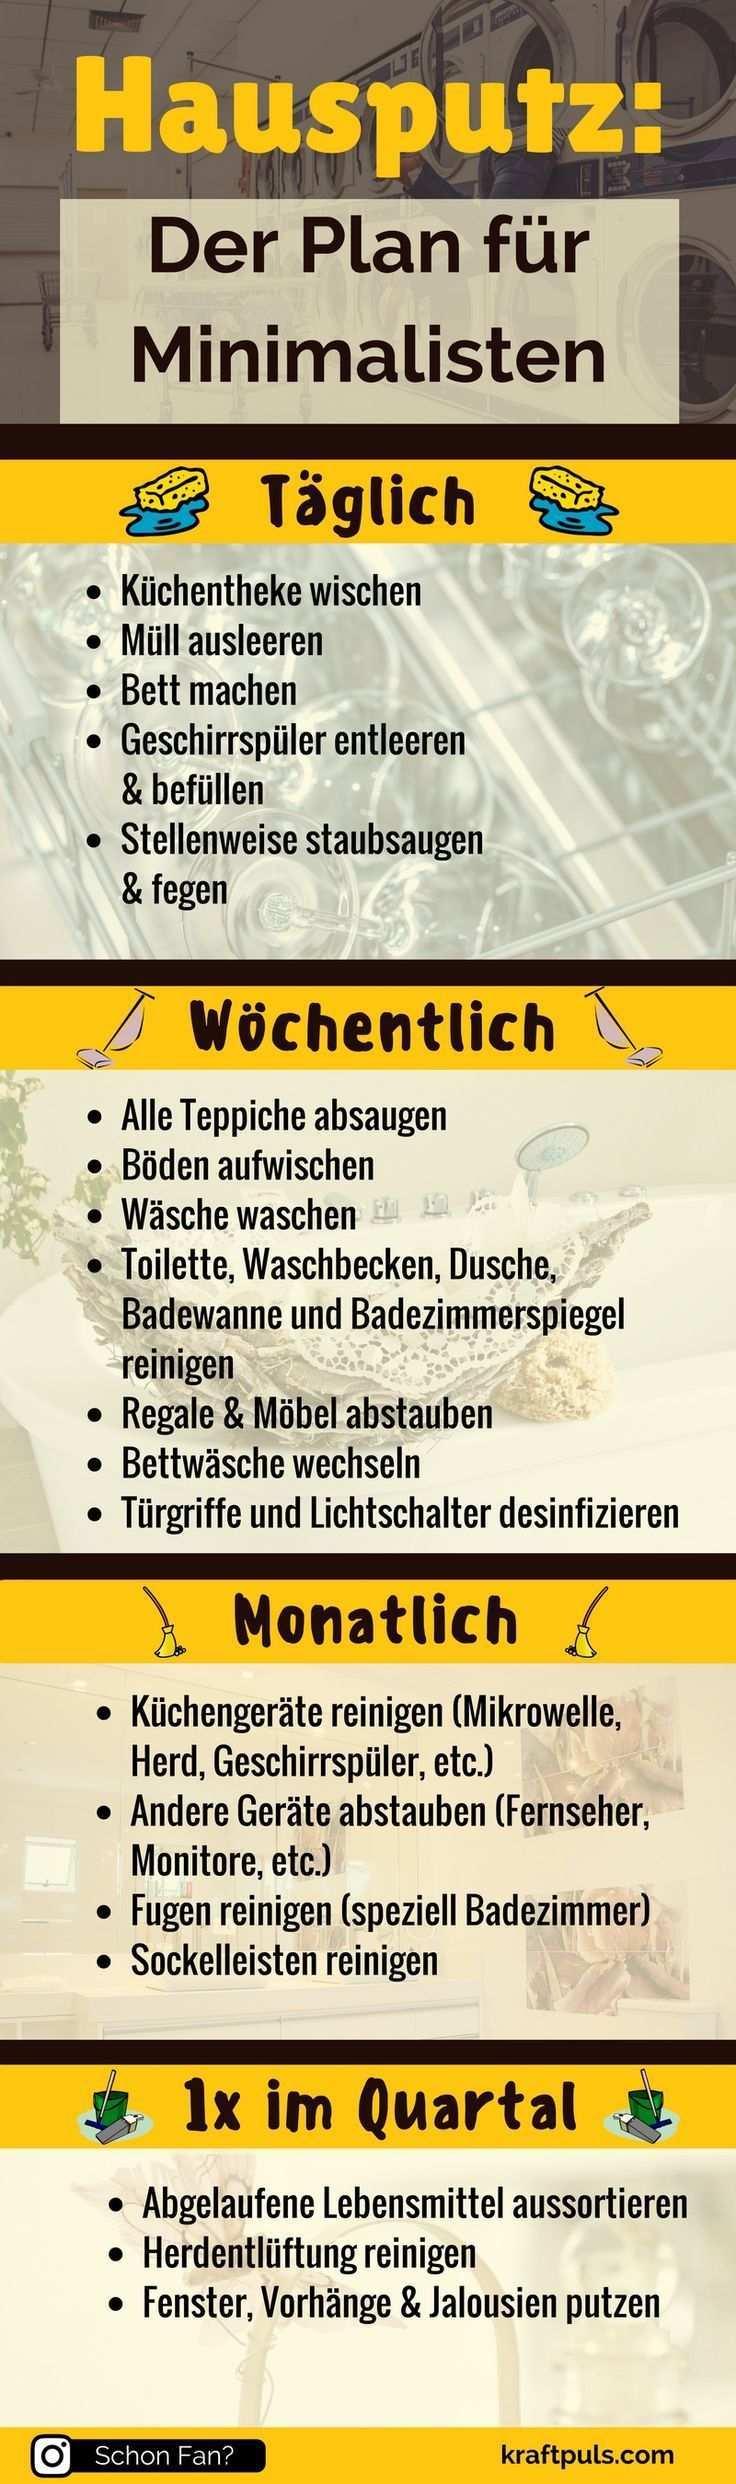 Hausputz Der Putzplan Fur Minimalisten Infografik Hausputz Hausreinigung Putzplan